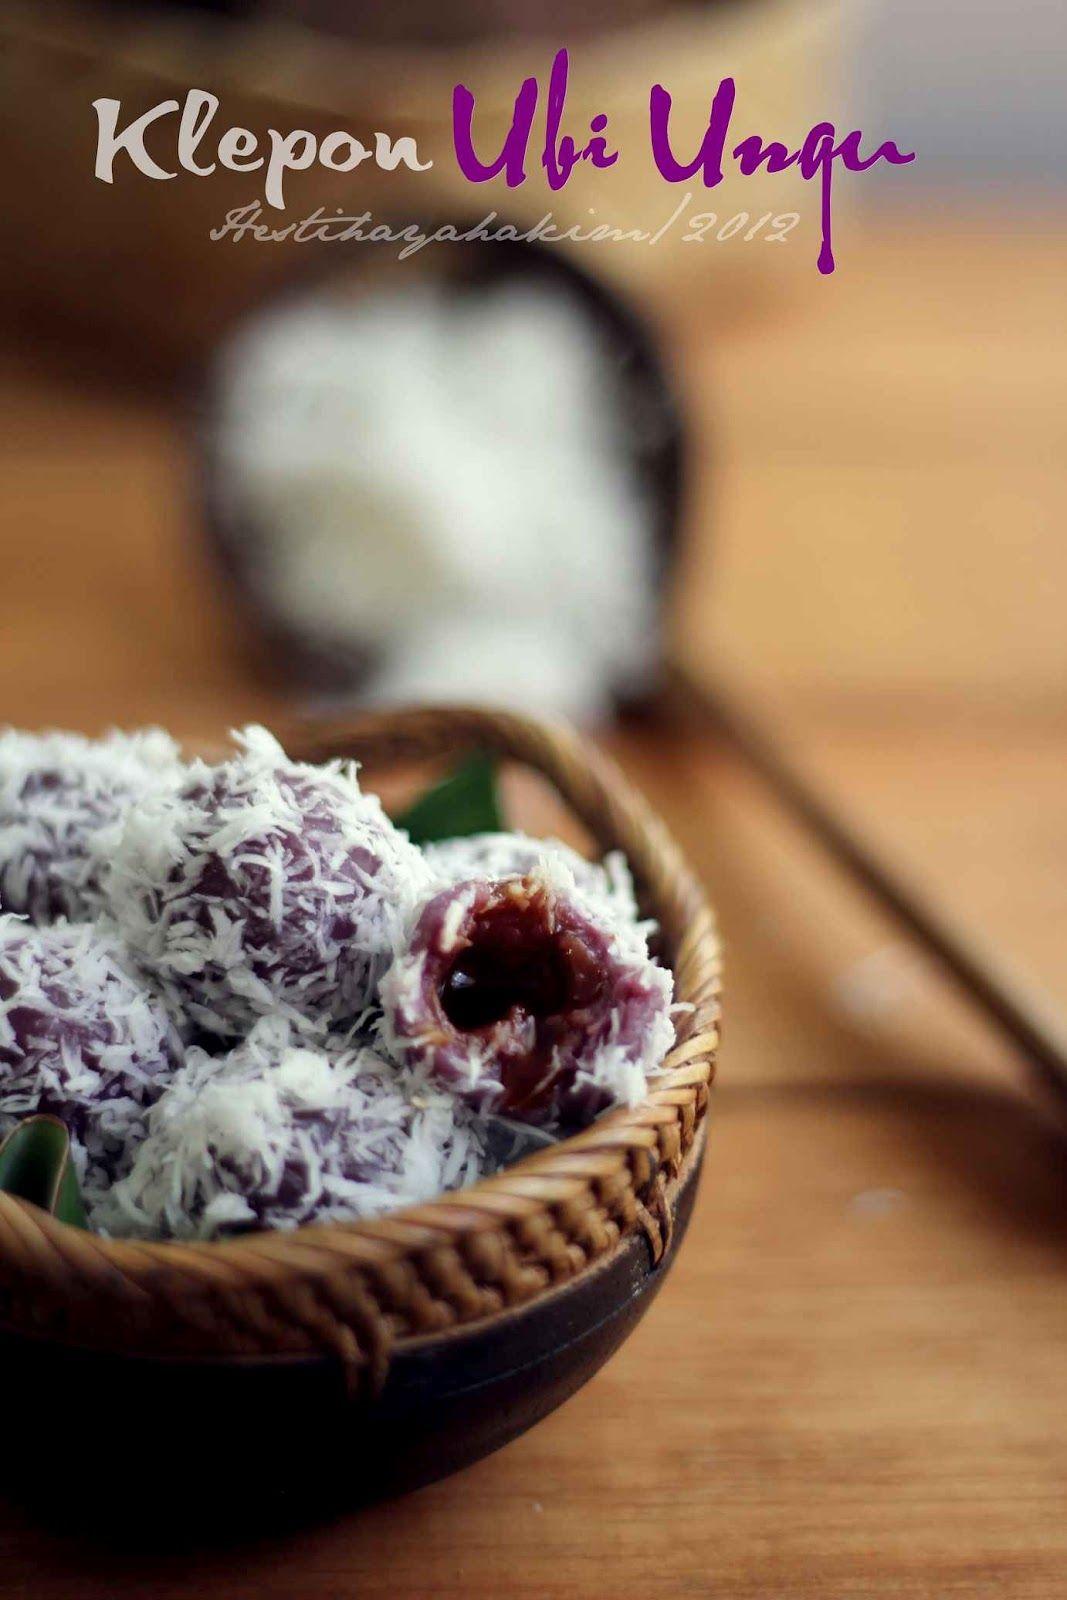 HESTI'S KITCHEN : yummy for your tummy...: Klepon Ubi Ungu